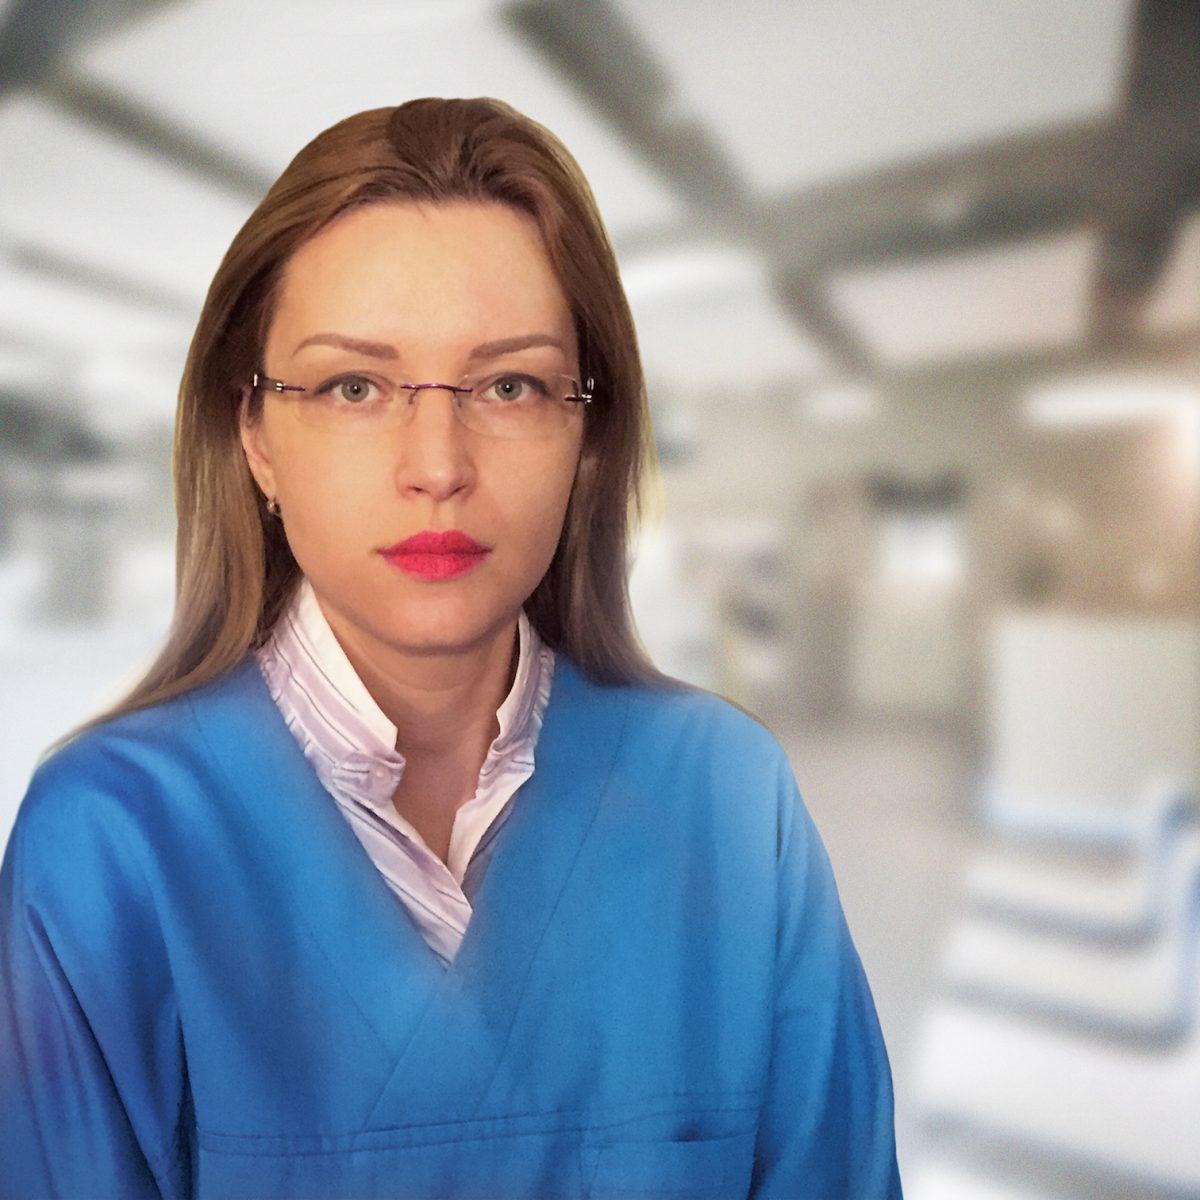 http://bioterramed.ro/wp-content/uploads/2016/10/Ruxandra-Negoi-1200x1200.jpg